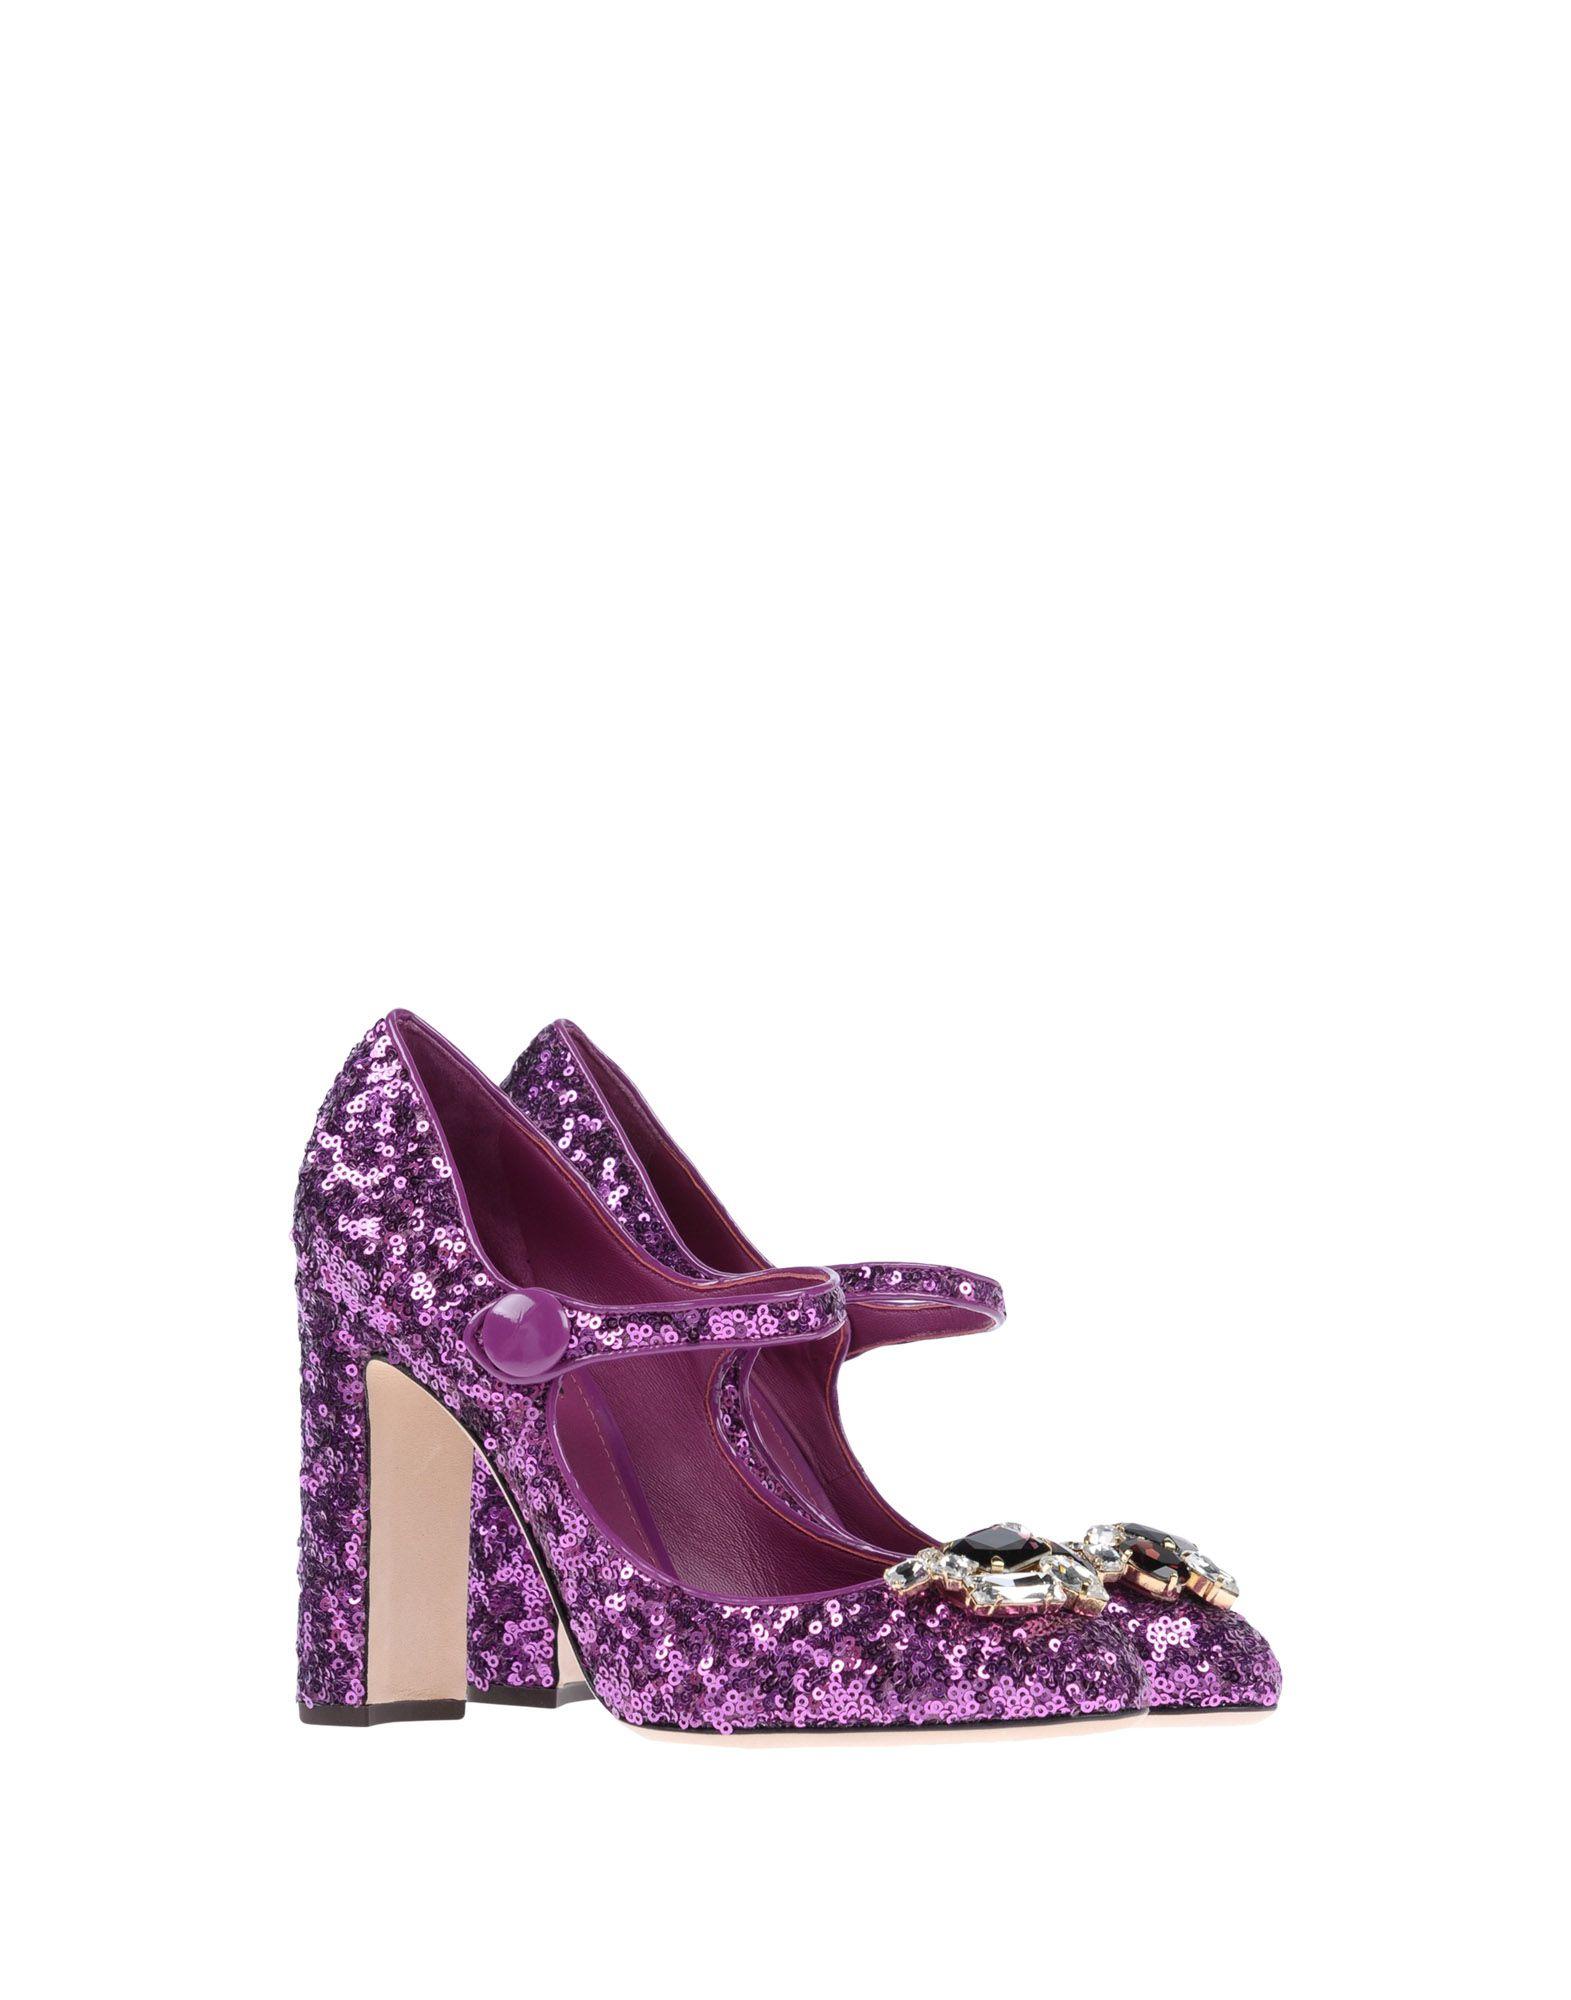 Dolce & 11488189QOGünstige Gabbana Pumps Damen  11488189QOGünstige & gut aussehende Schuhe dc28ac